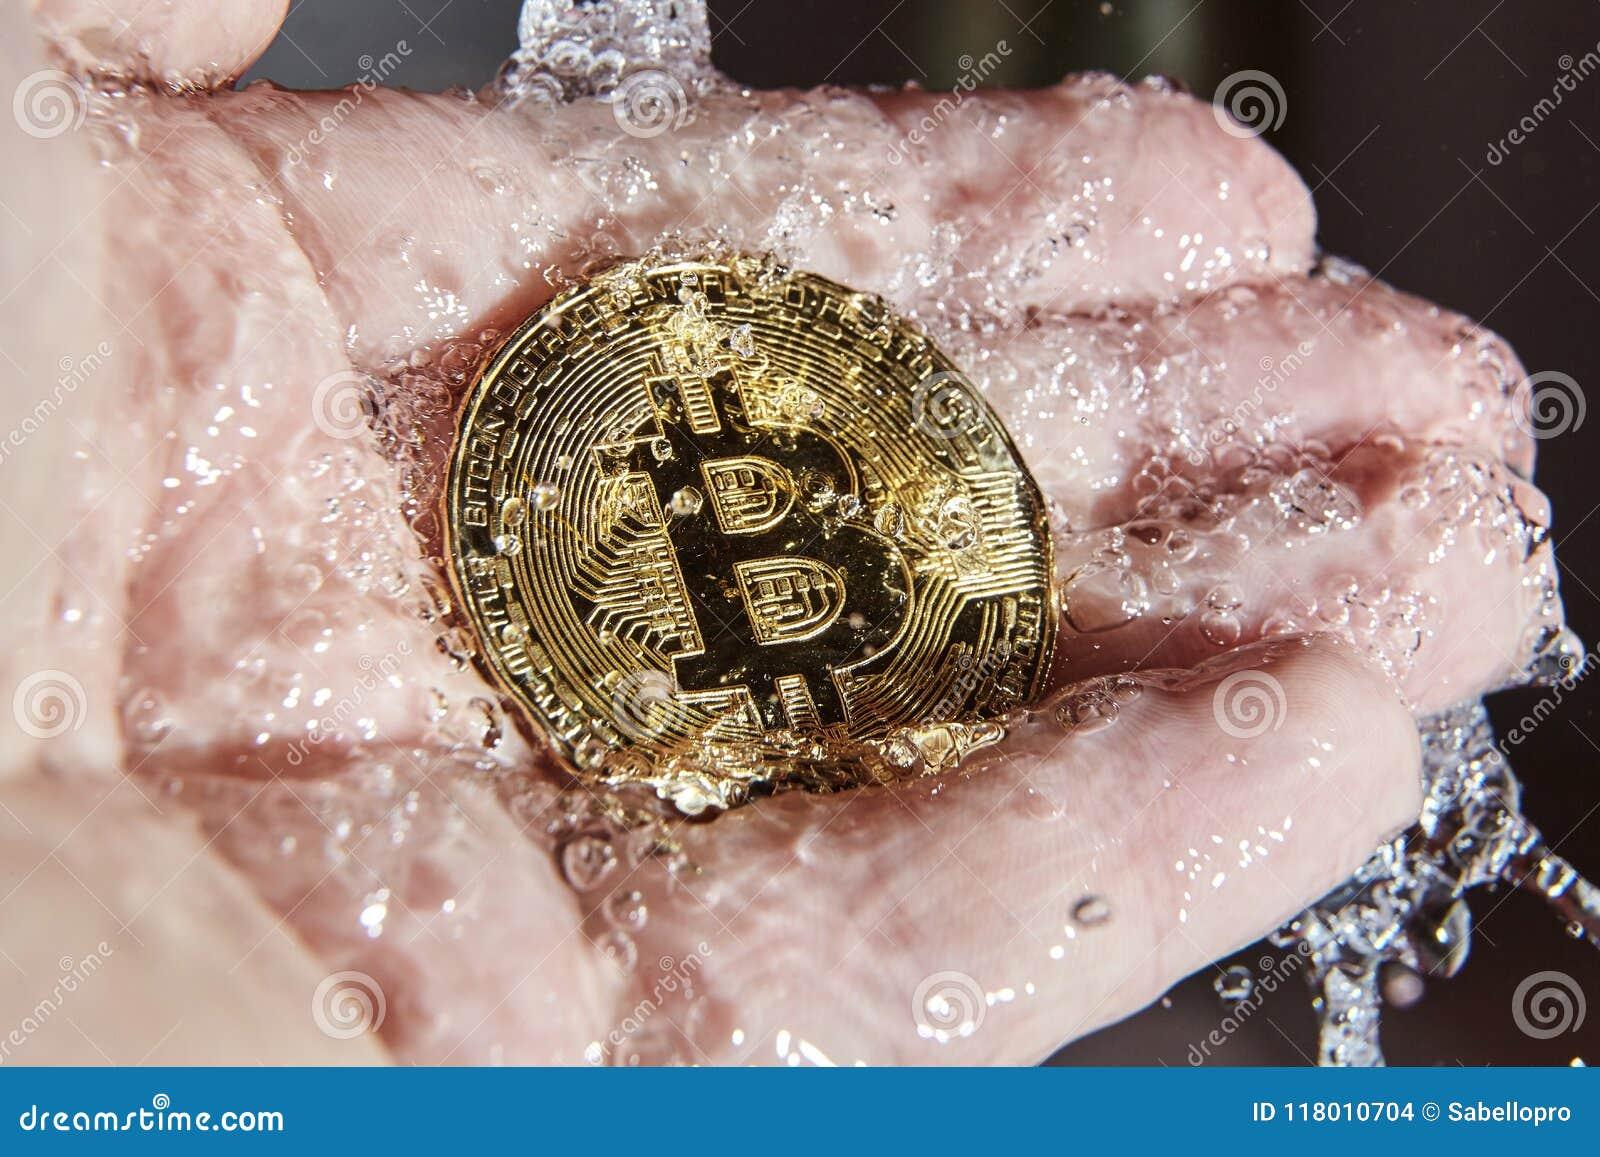 Złoty bitcoin w palmie ręka euro do czyszczenia pierze forsę do mycia